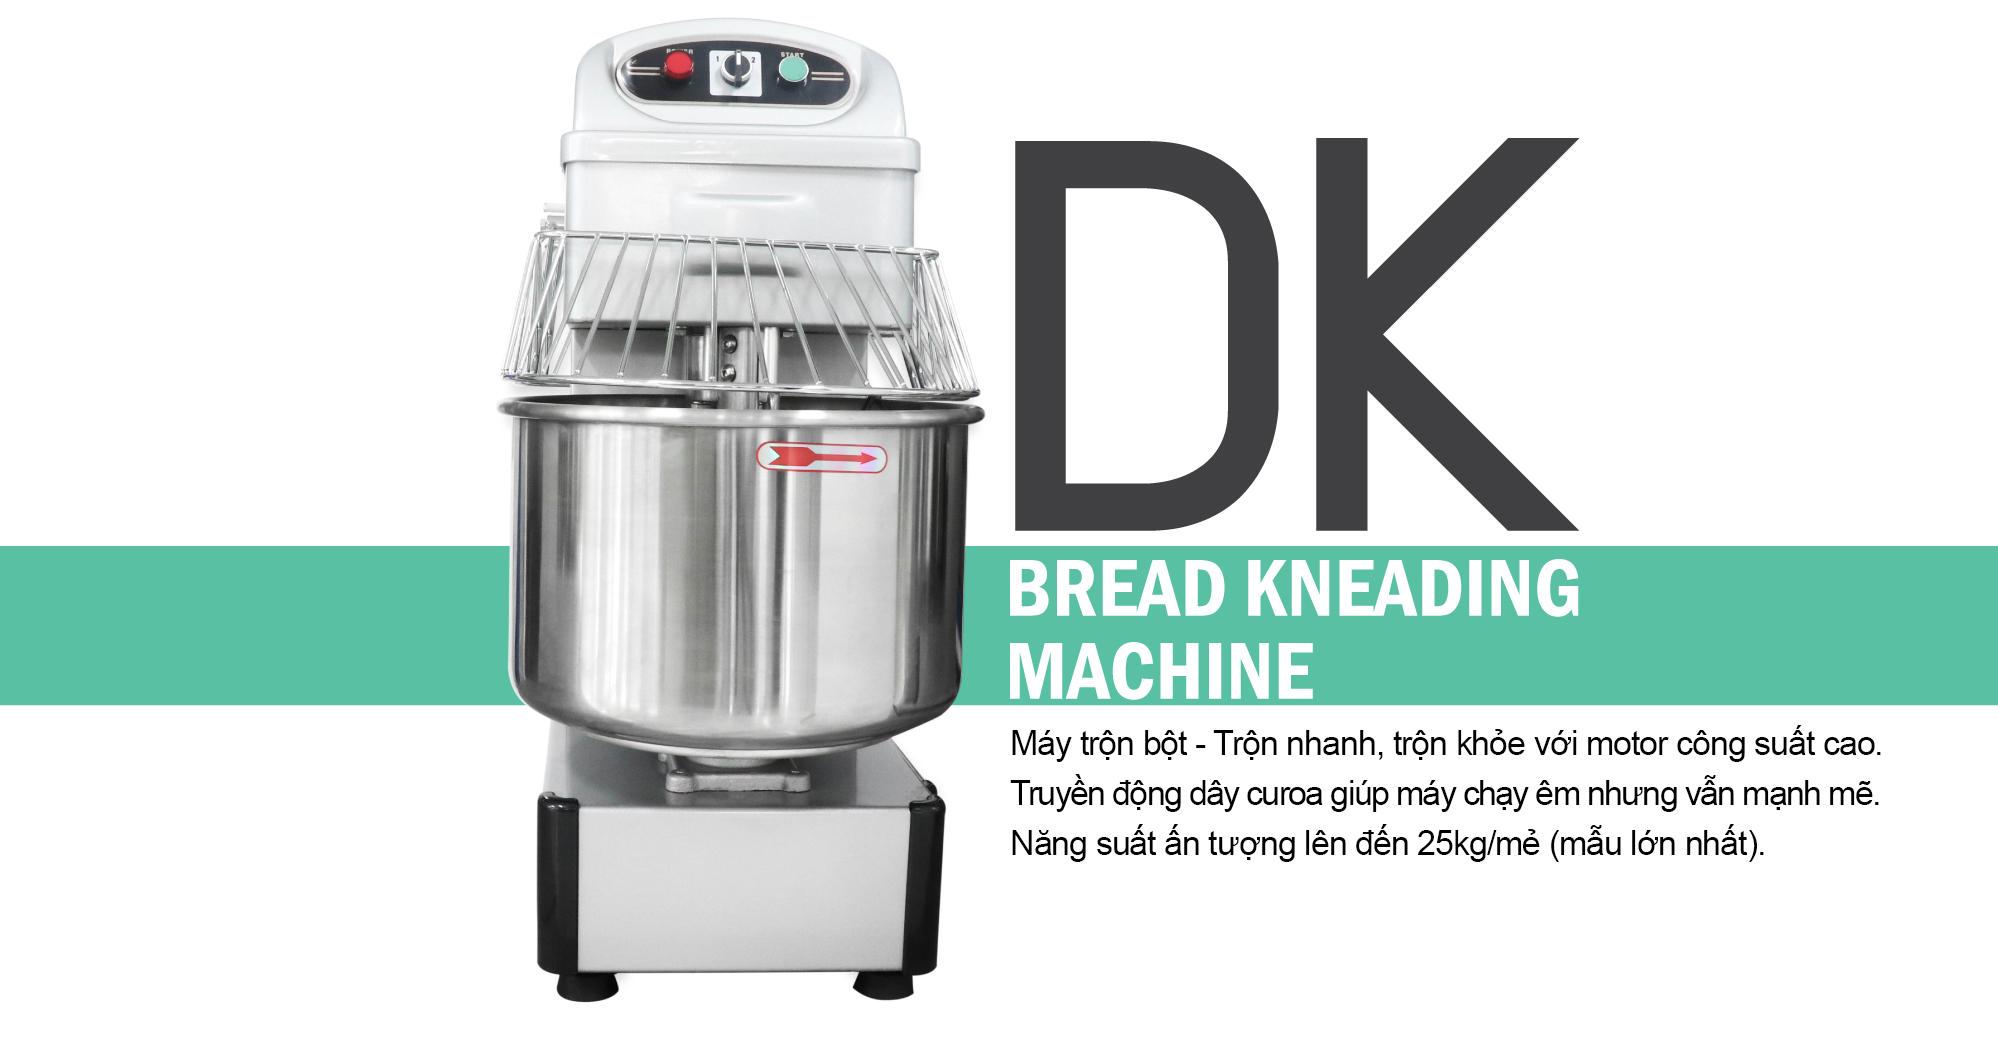 Máy trộn bột máy trộn thực phẩm công nghiệp DK